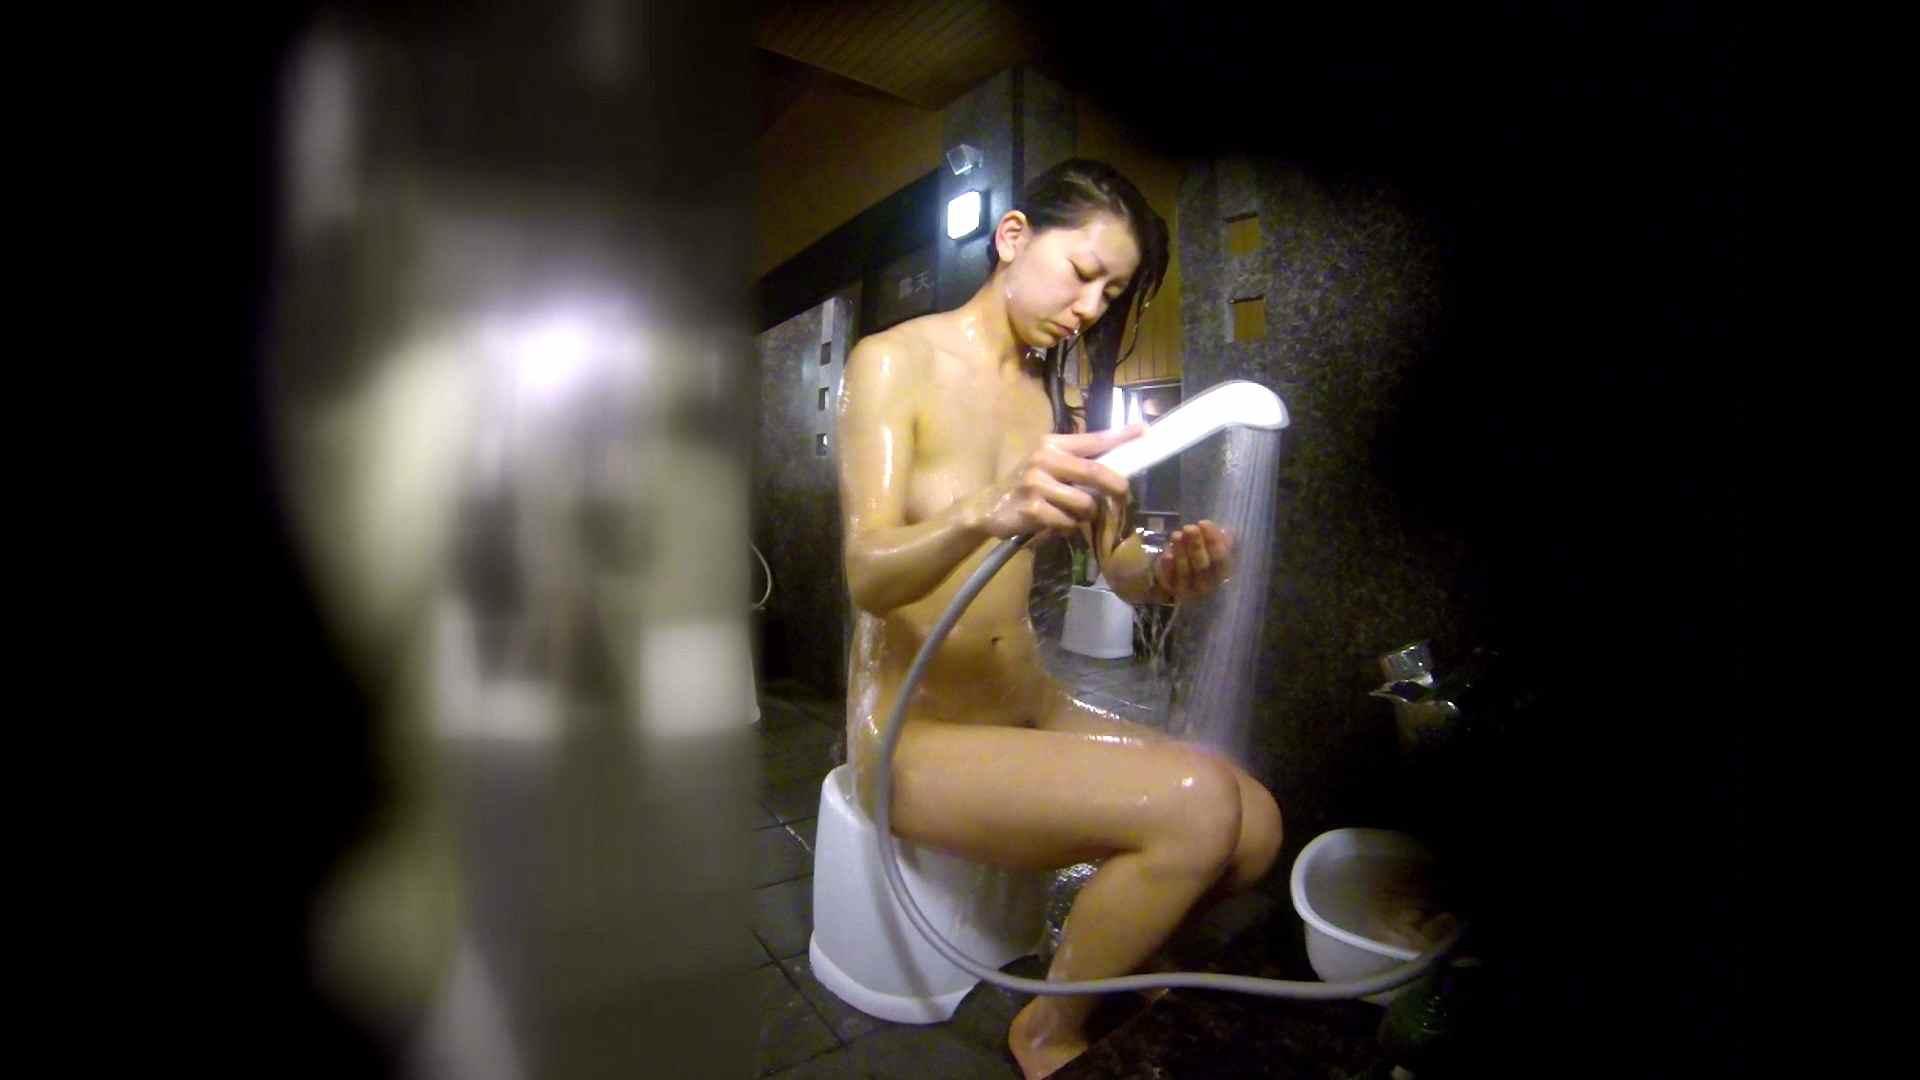 盗撮おまんこ|洗い場!綺麗なお女市さんは好きですか?|怪盗ジョーカー